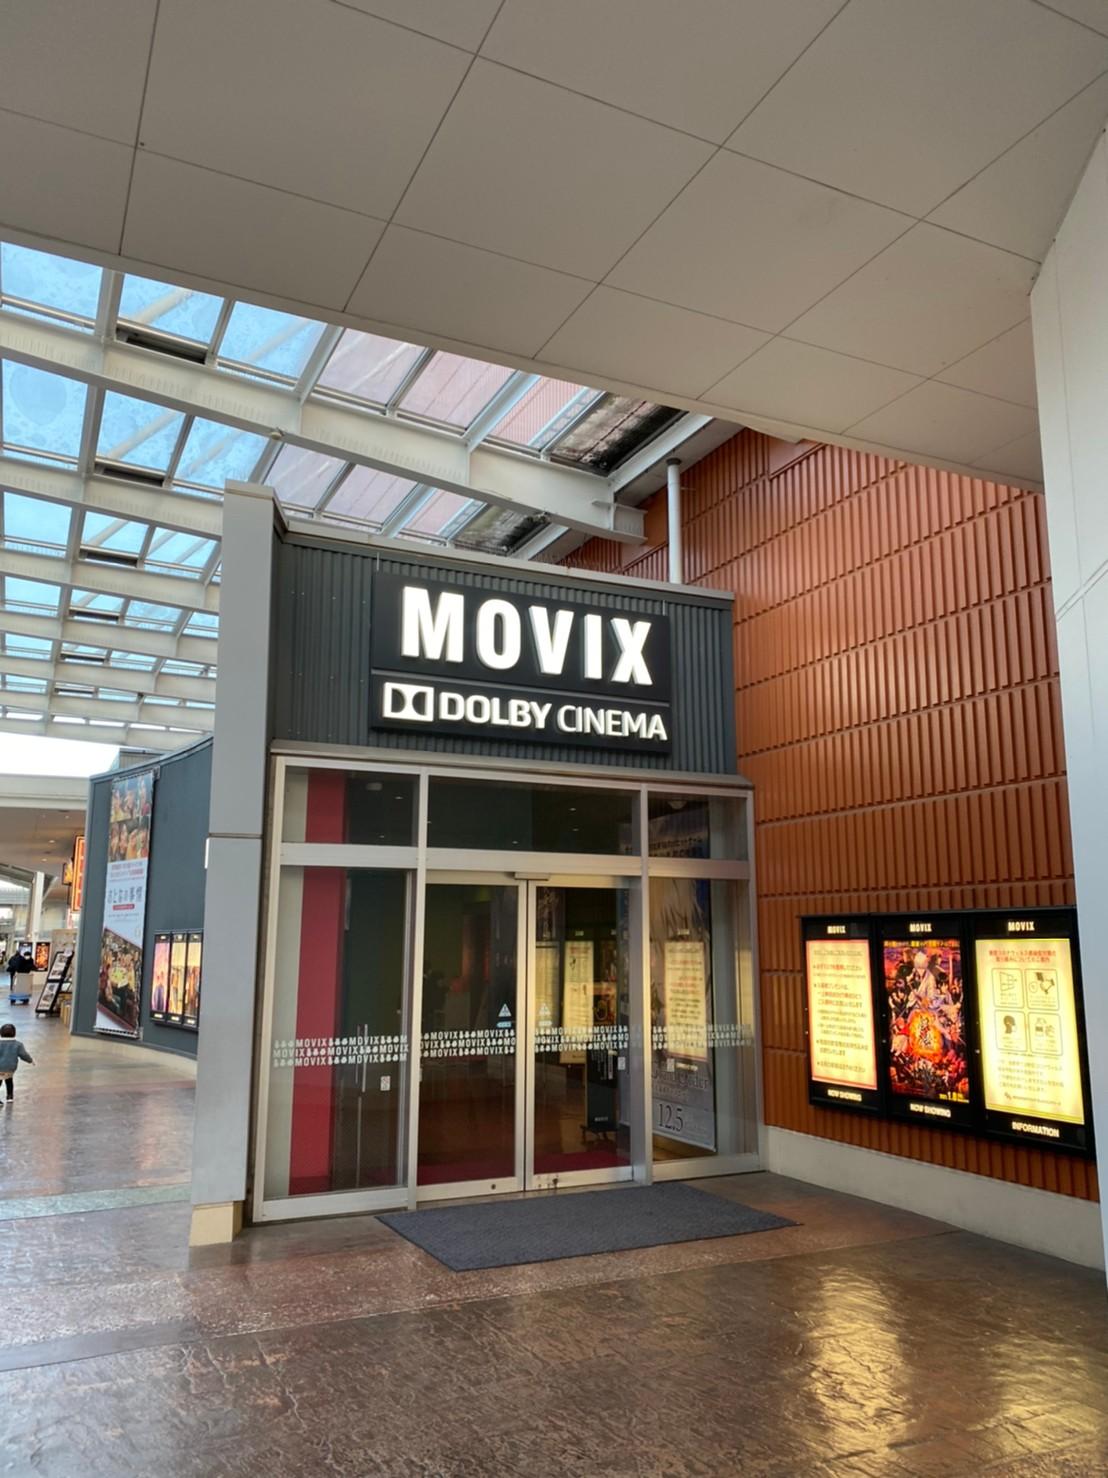 さいたま新都心駅直結『MOVIXさいたま』2021年の鬼滅初め『鬼滅の刃無限列車編』見てきました!